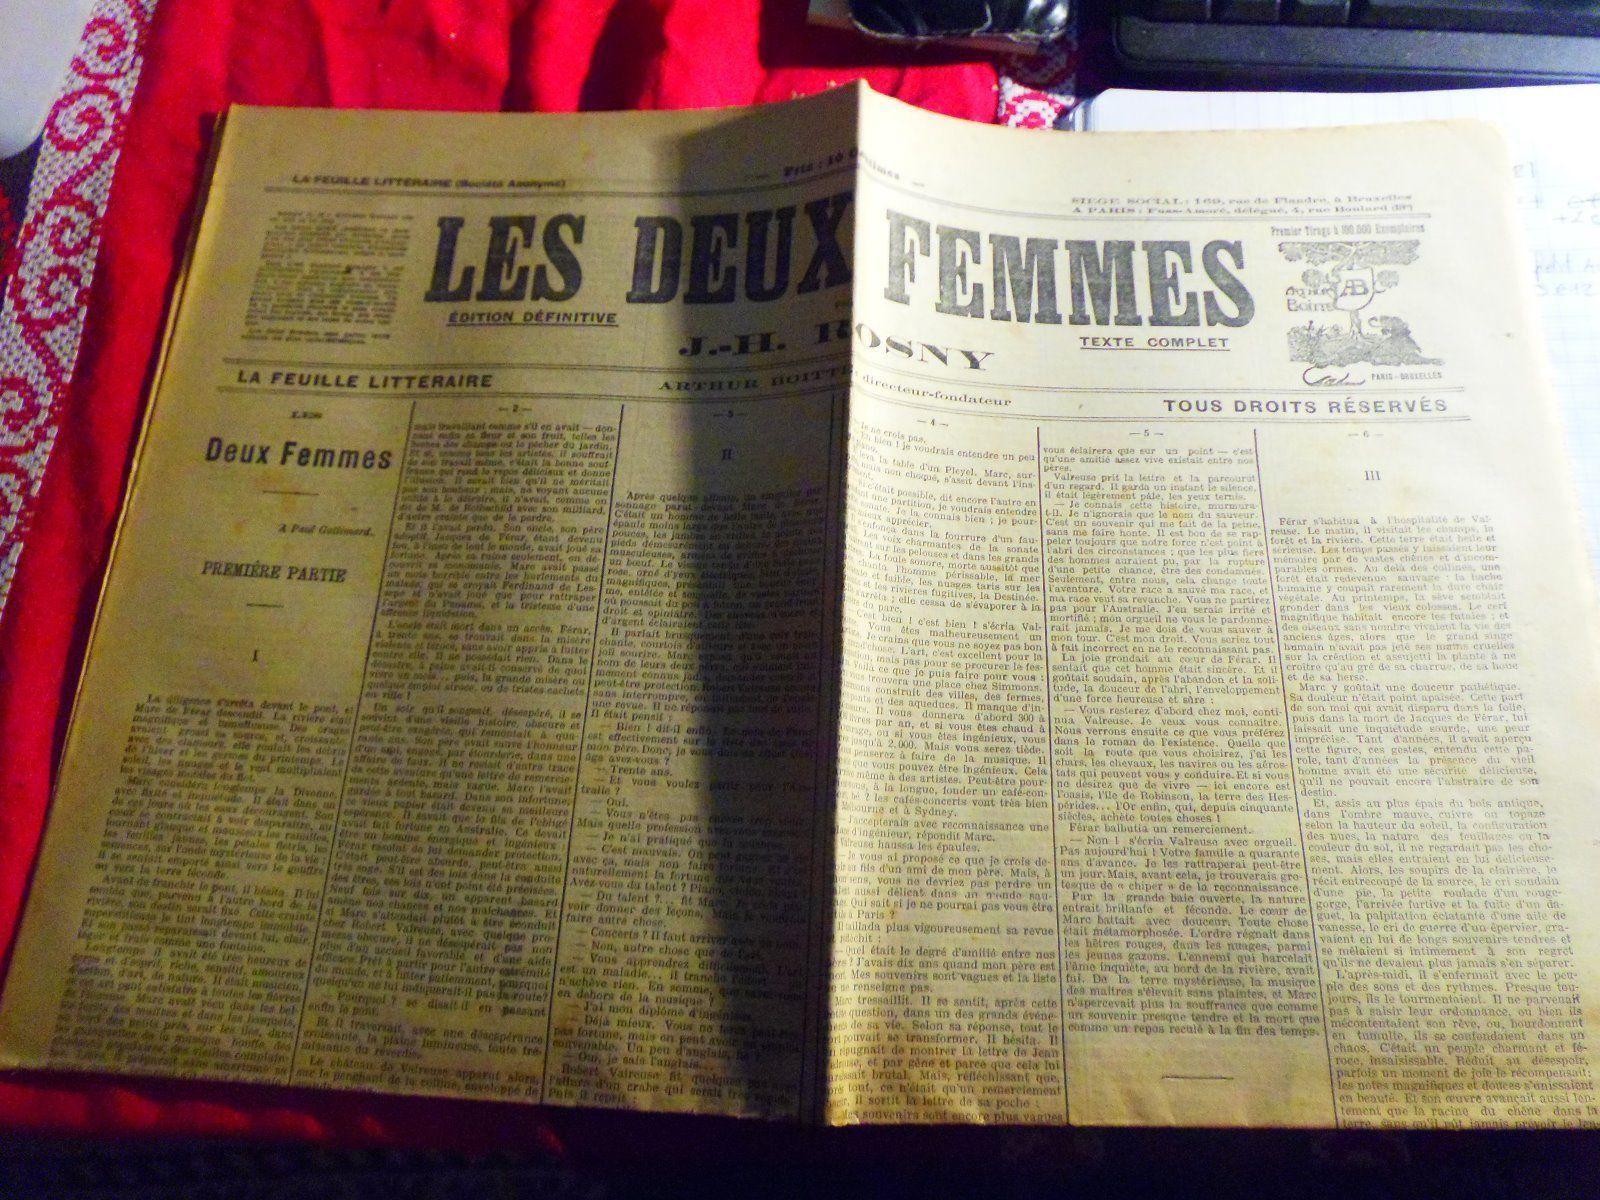 J.-H. Rosny aîné - Les Deux femmes (La Feuille littéraire - 1911)